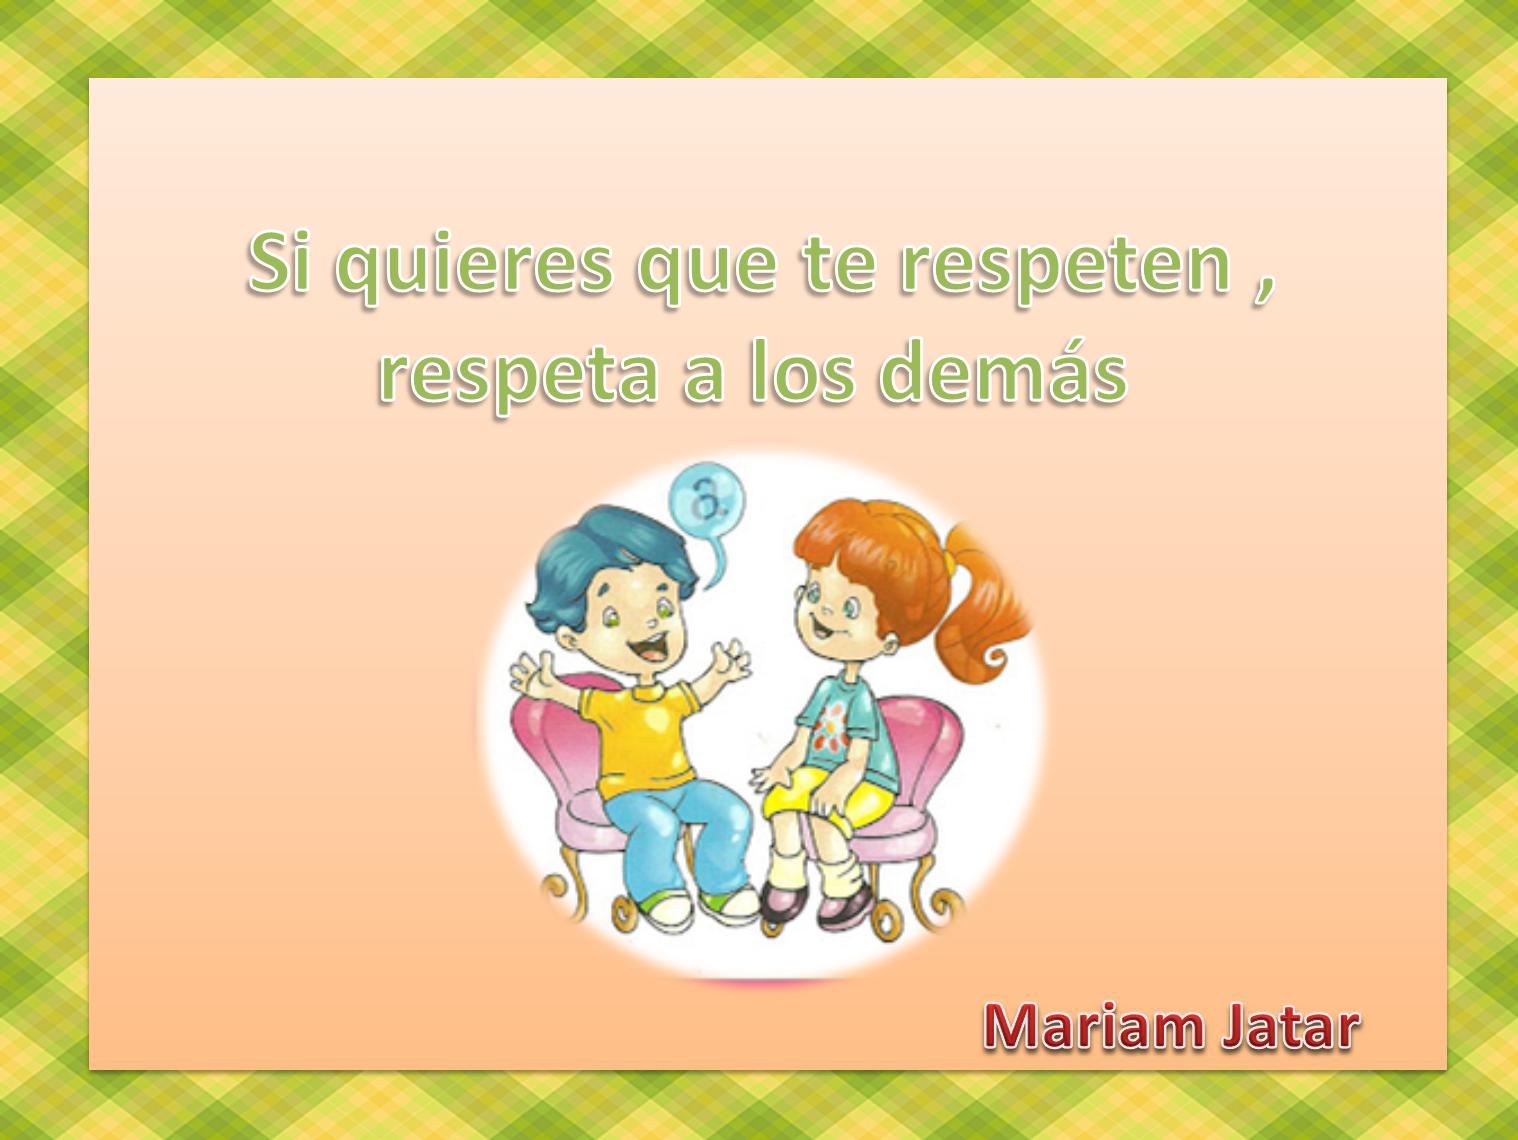 Para convivir mejor, fortalecemos el respeto entre tú y yo: Carteles